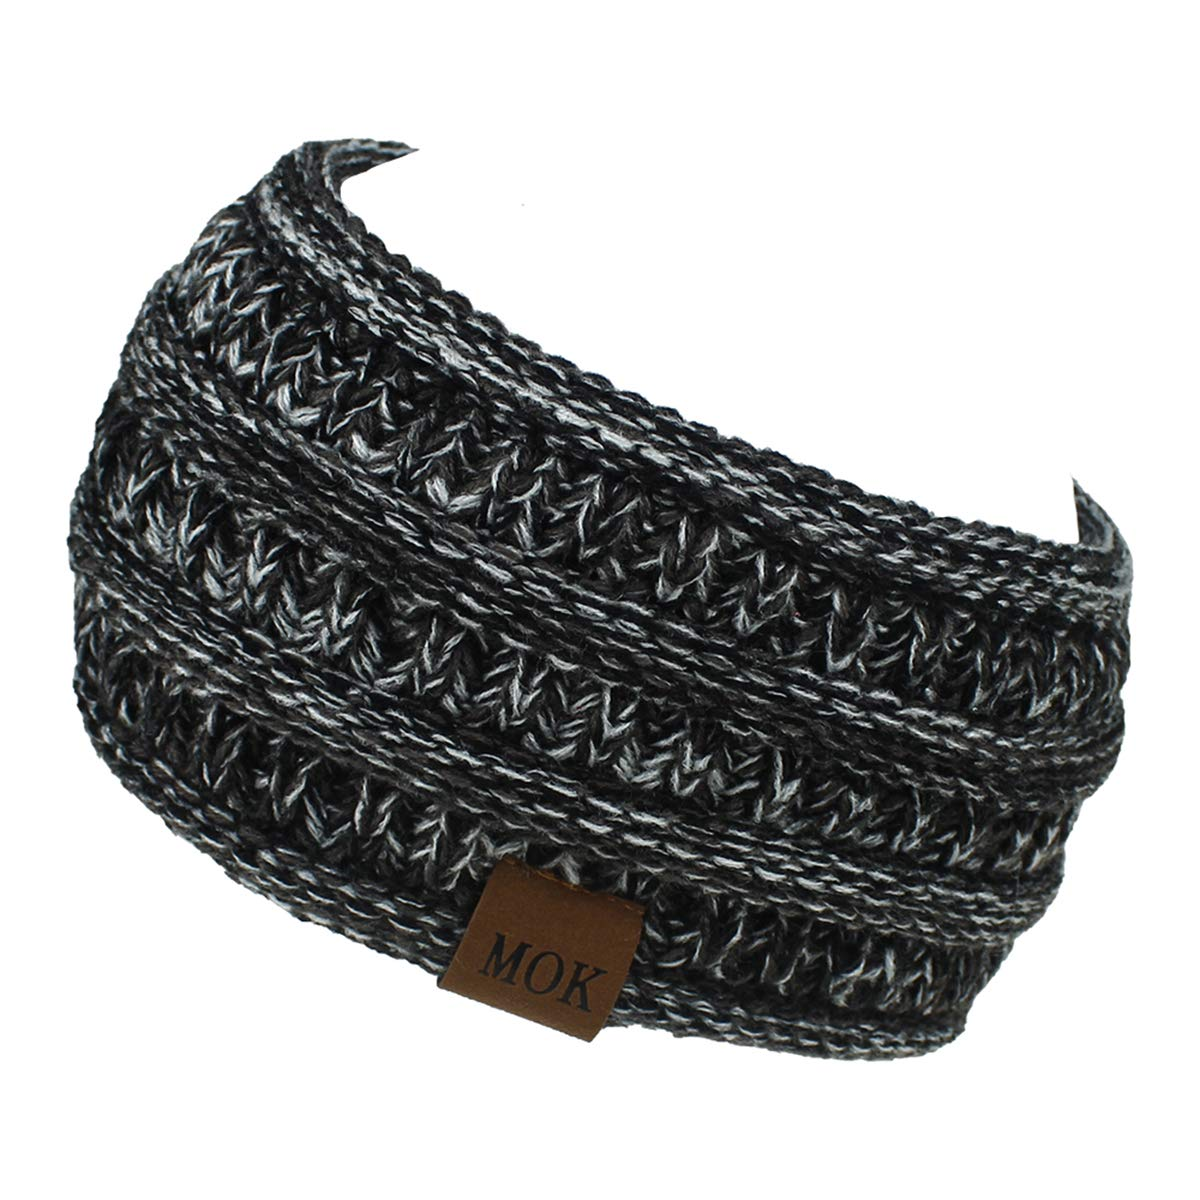 Fashion Women Warm Fuzzy Fleece Lined Headband Winter Ear Warmer Headband Cable Knit Ear Cover & Headwrap for Women Girls